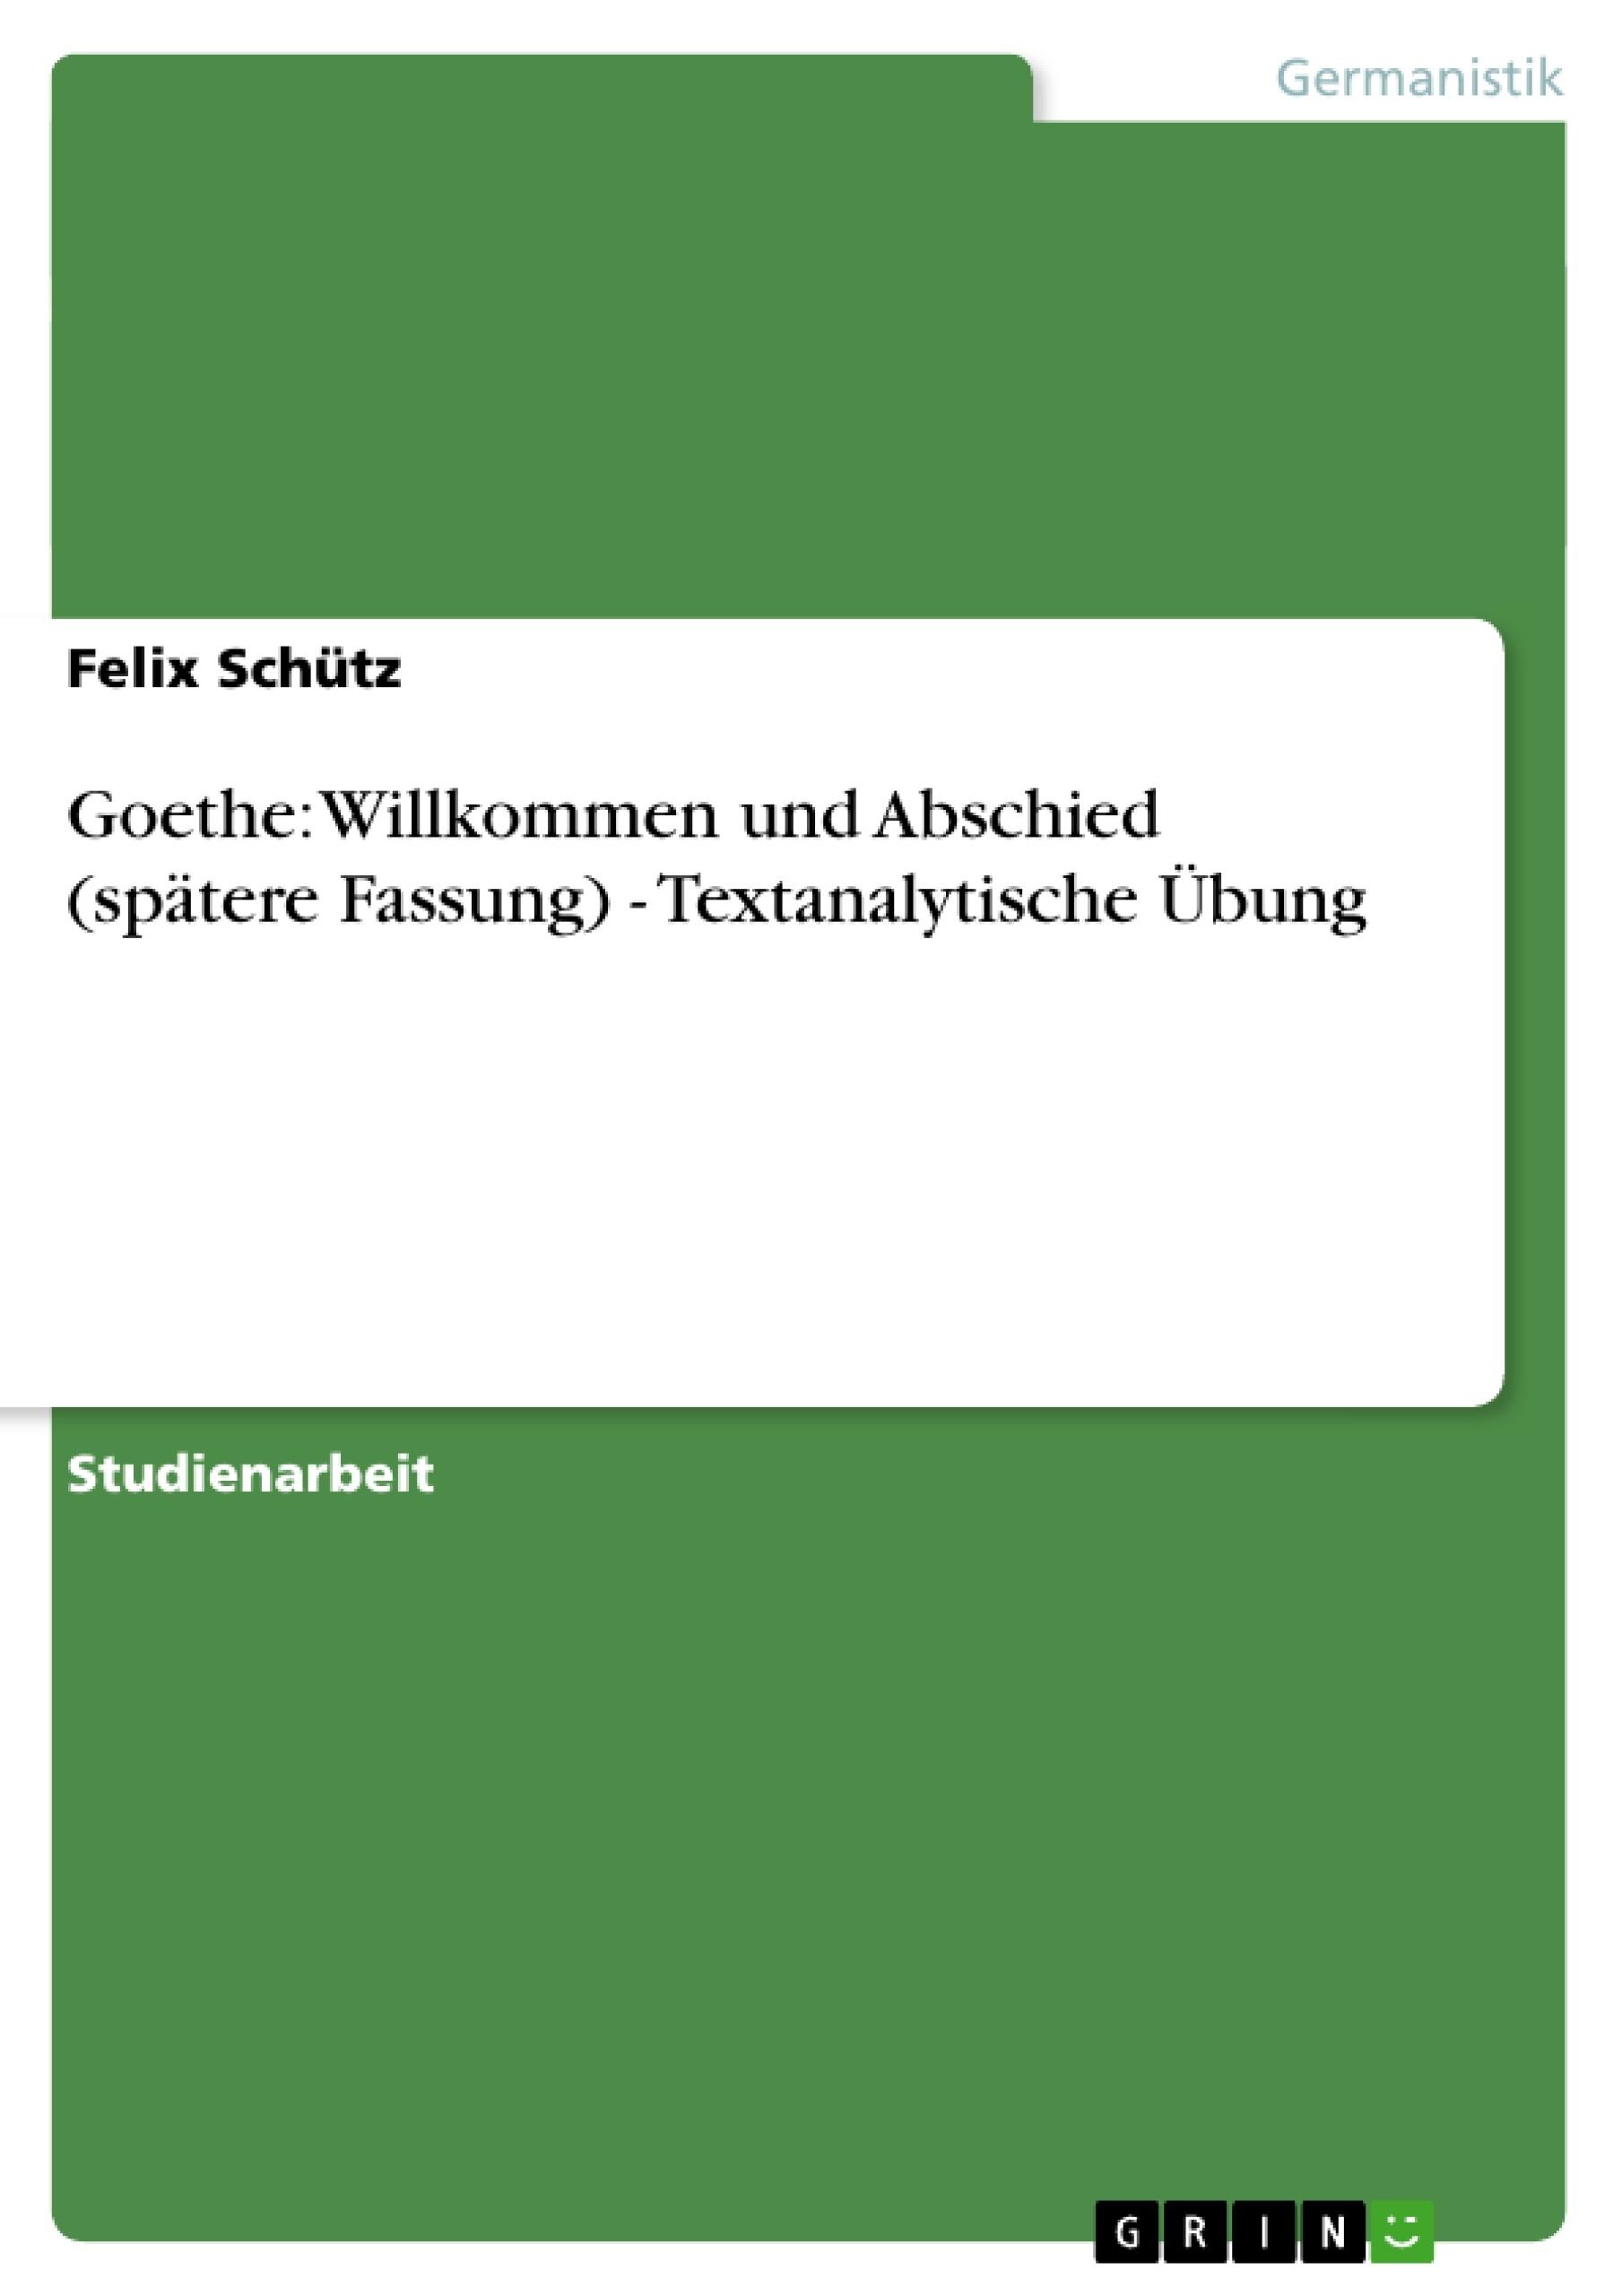 Titel: Goethe: Willkommen und Abschied (spätere Fassung) - Textanalytische Übung